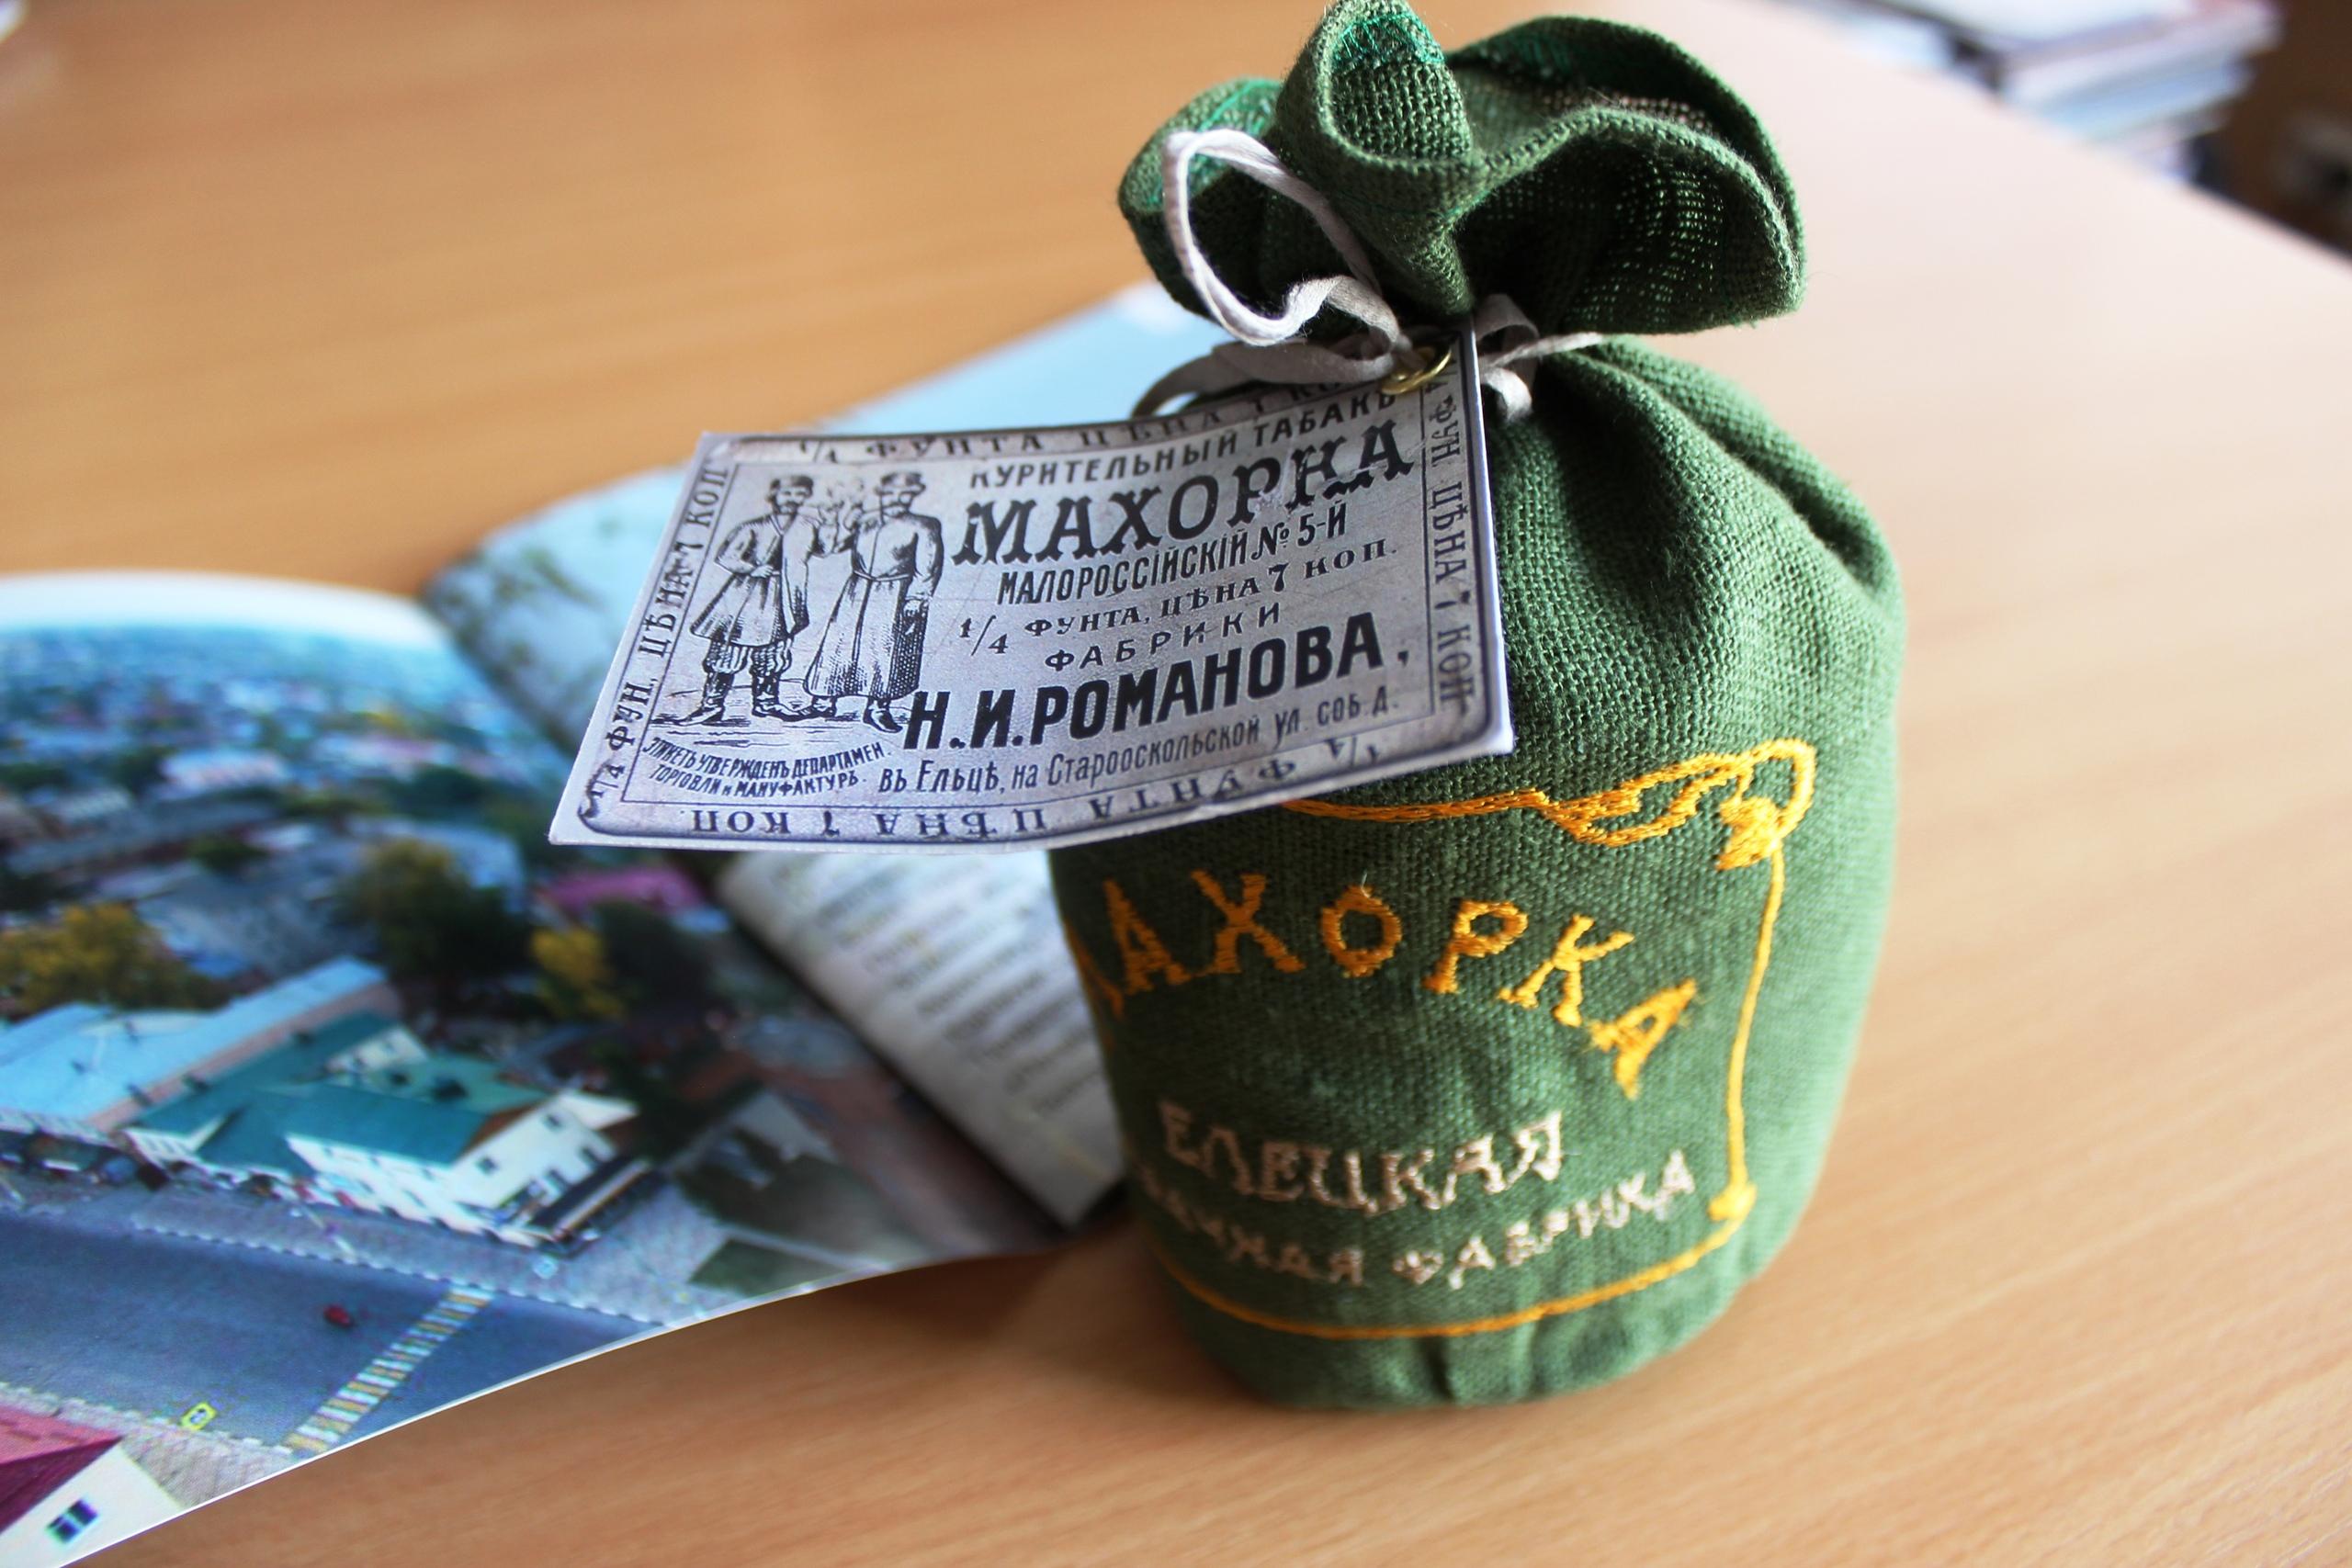 Города-побратимы привезли в Борисов сувениры и обсудили дальнейшее сотрудничество 3